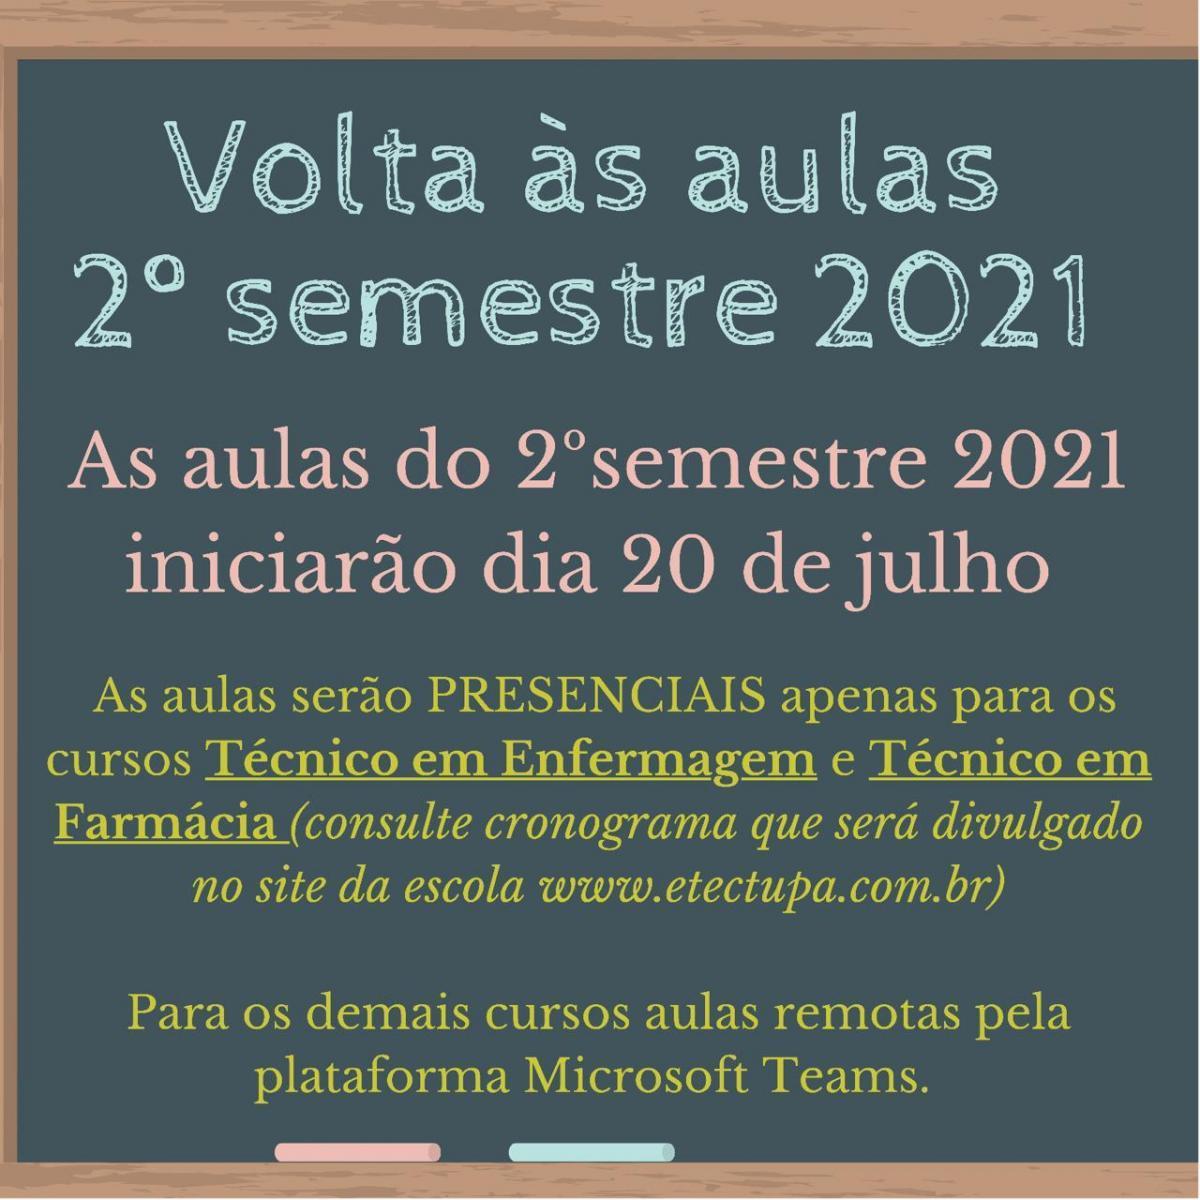 2� SEMESTRE 2021 - HOR�RIOS DE AULAS